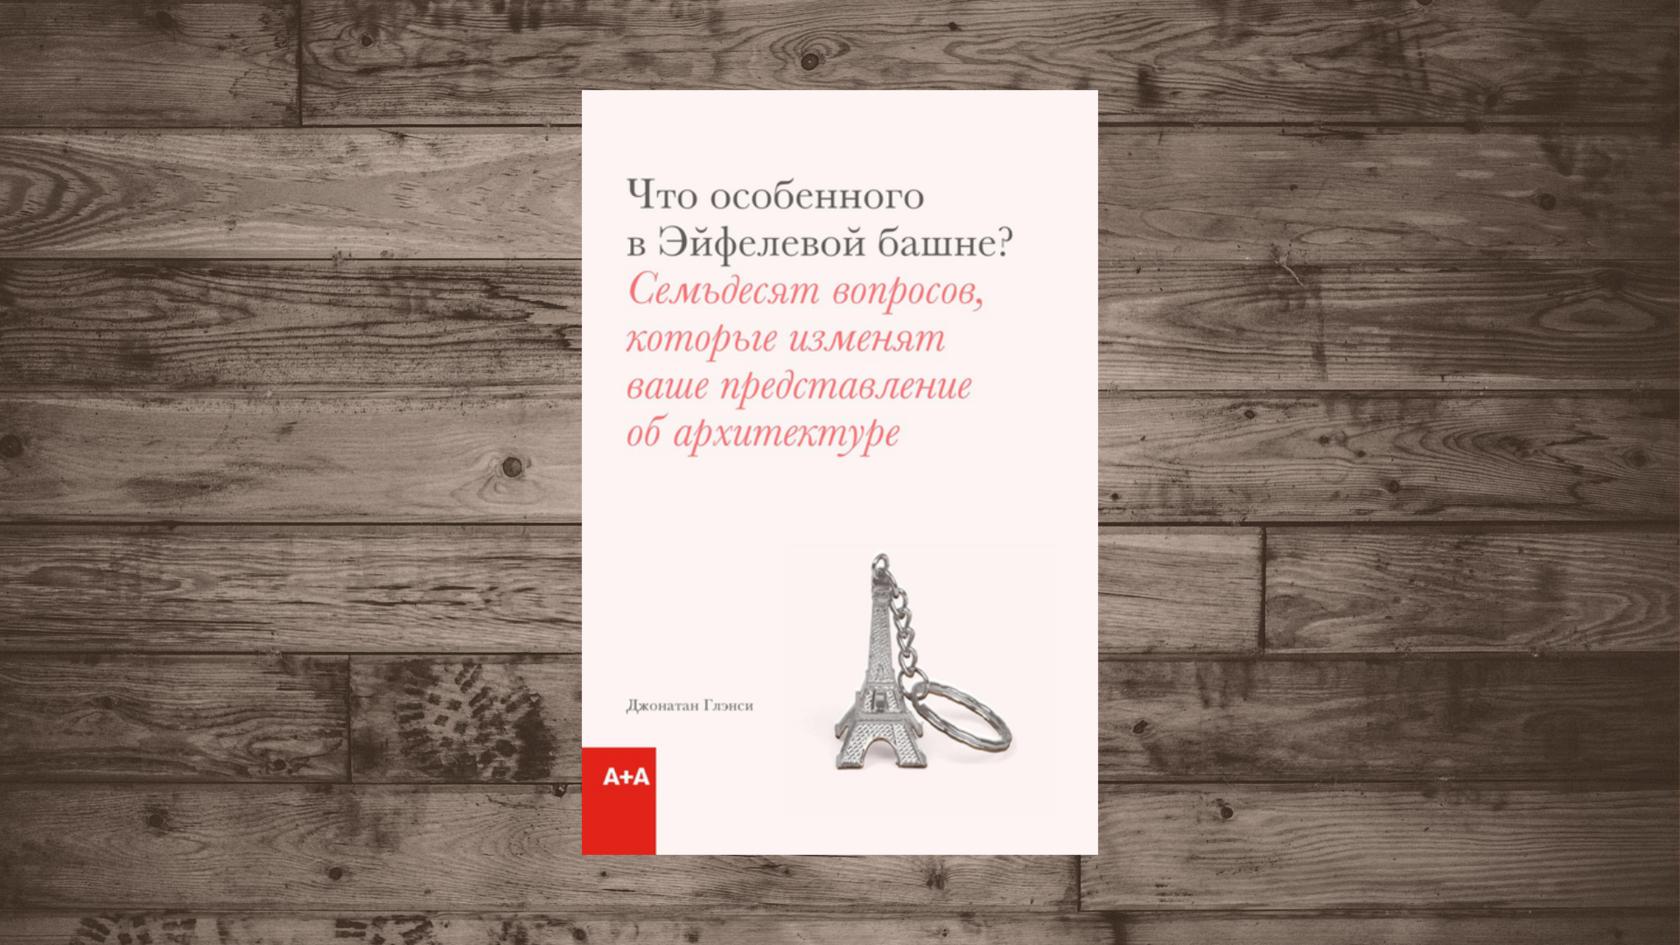 Купить книгу Джонатан Глэнси «Что особенного в Эйфелевой башне?»